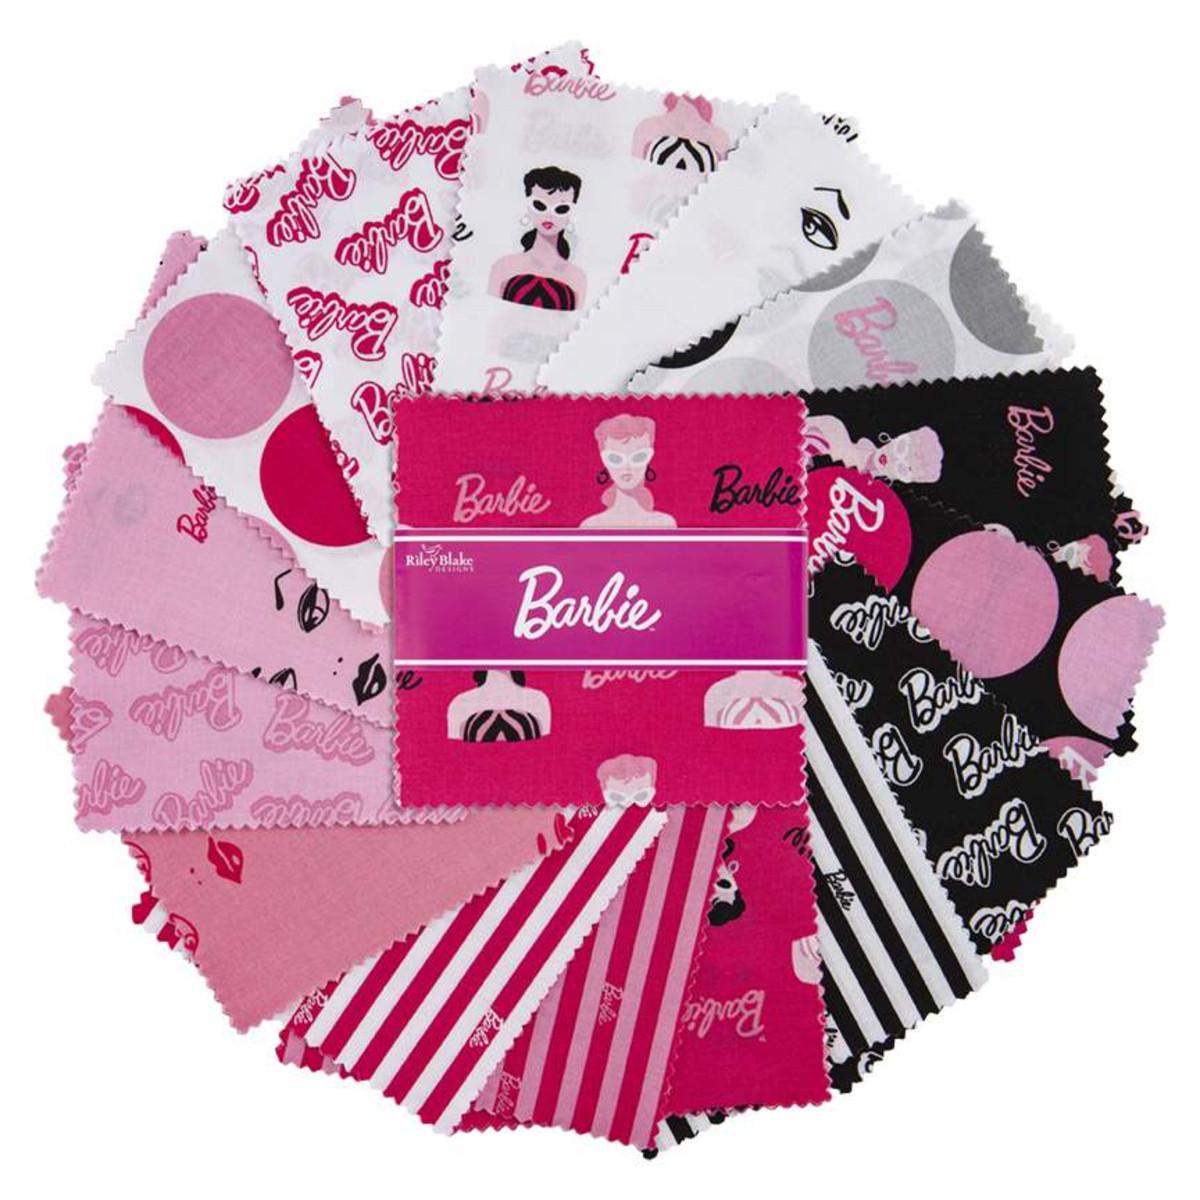 Riley Blake Charm Pack - Barbie